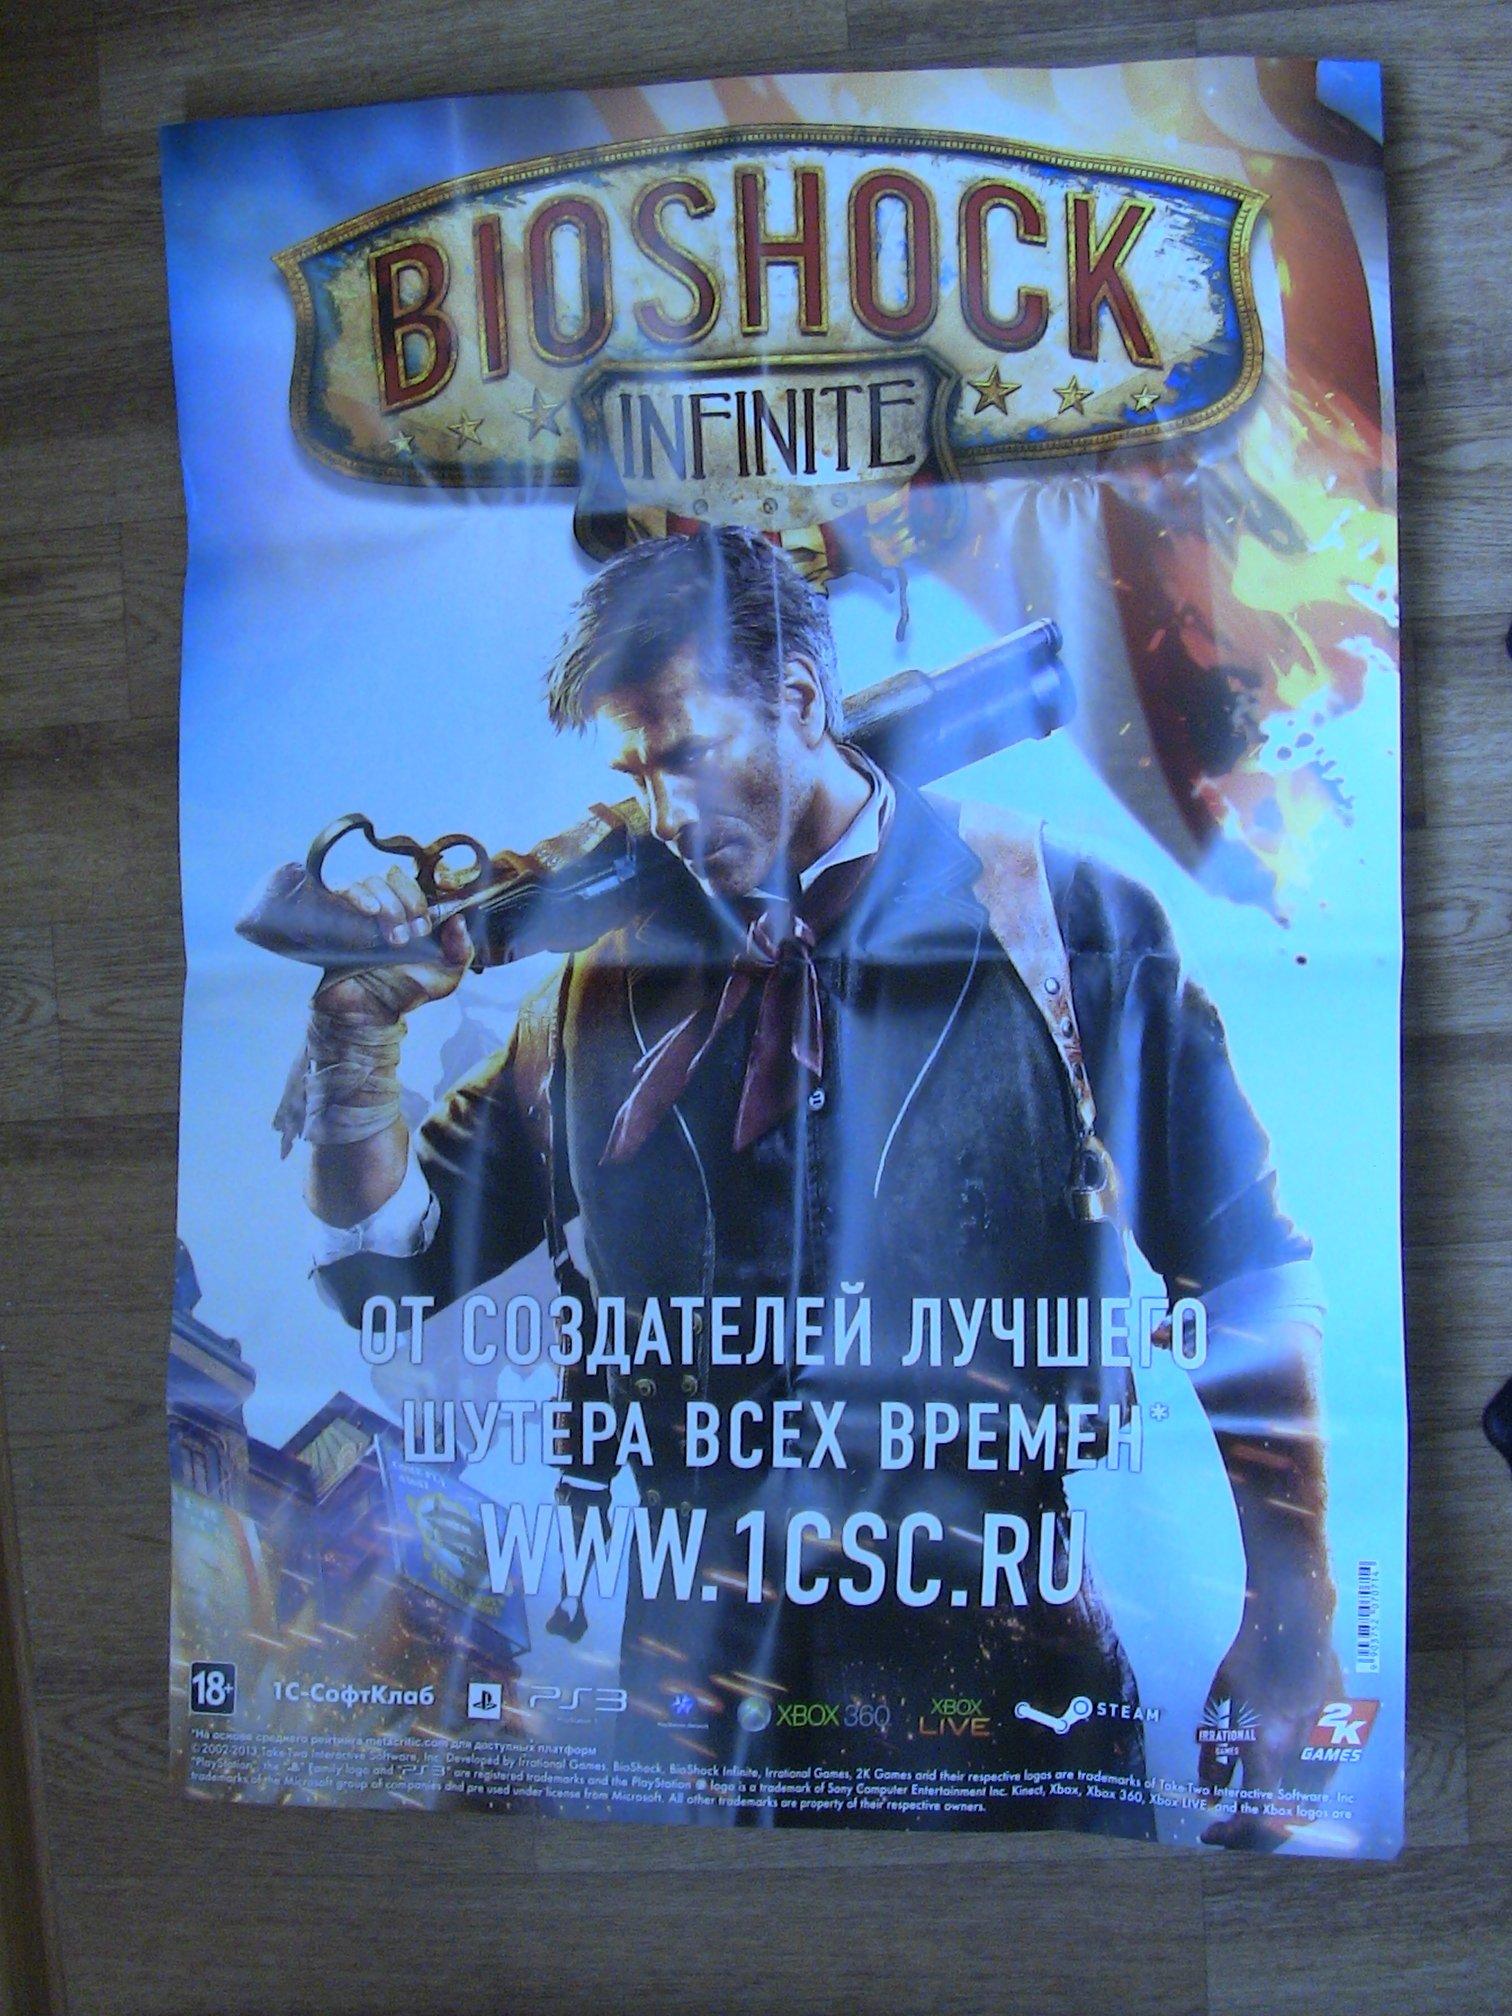 Сегодня забрал свой постер Bioshock Infinite (Формат А1) :3 - Изображение 1